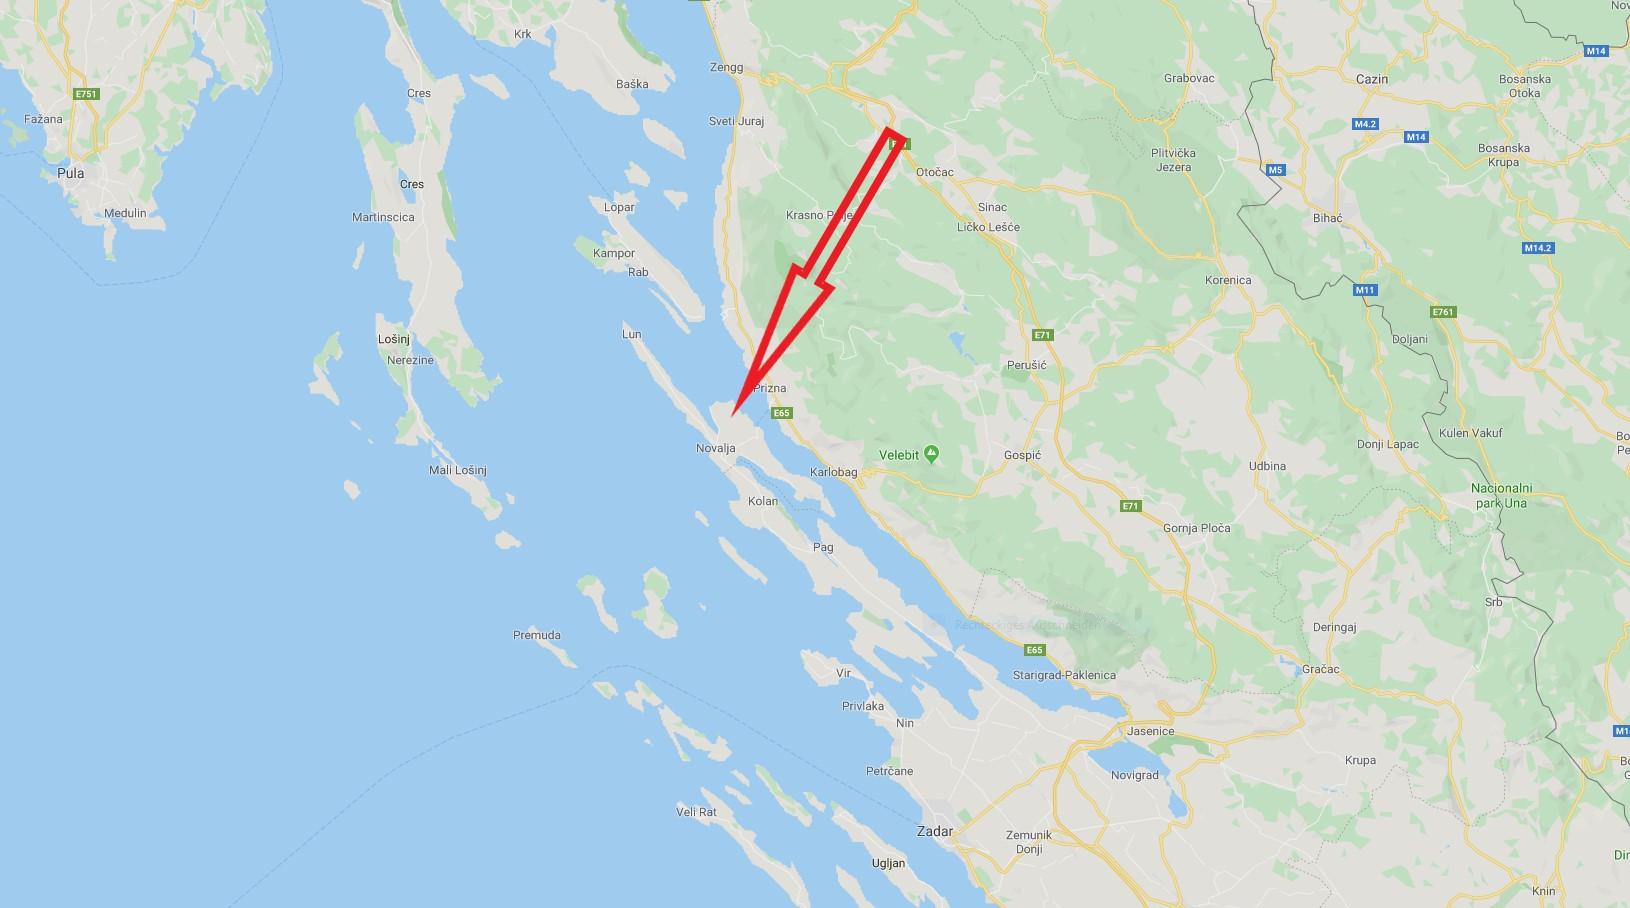 Landkarte Kroatien Insel pag